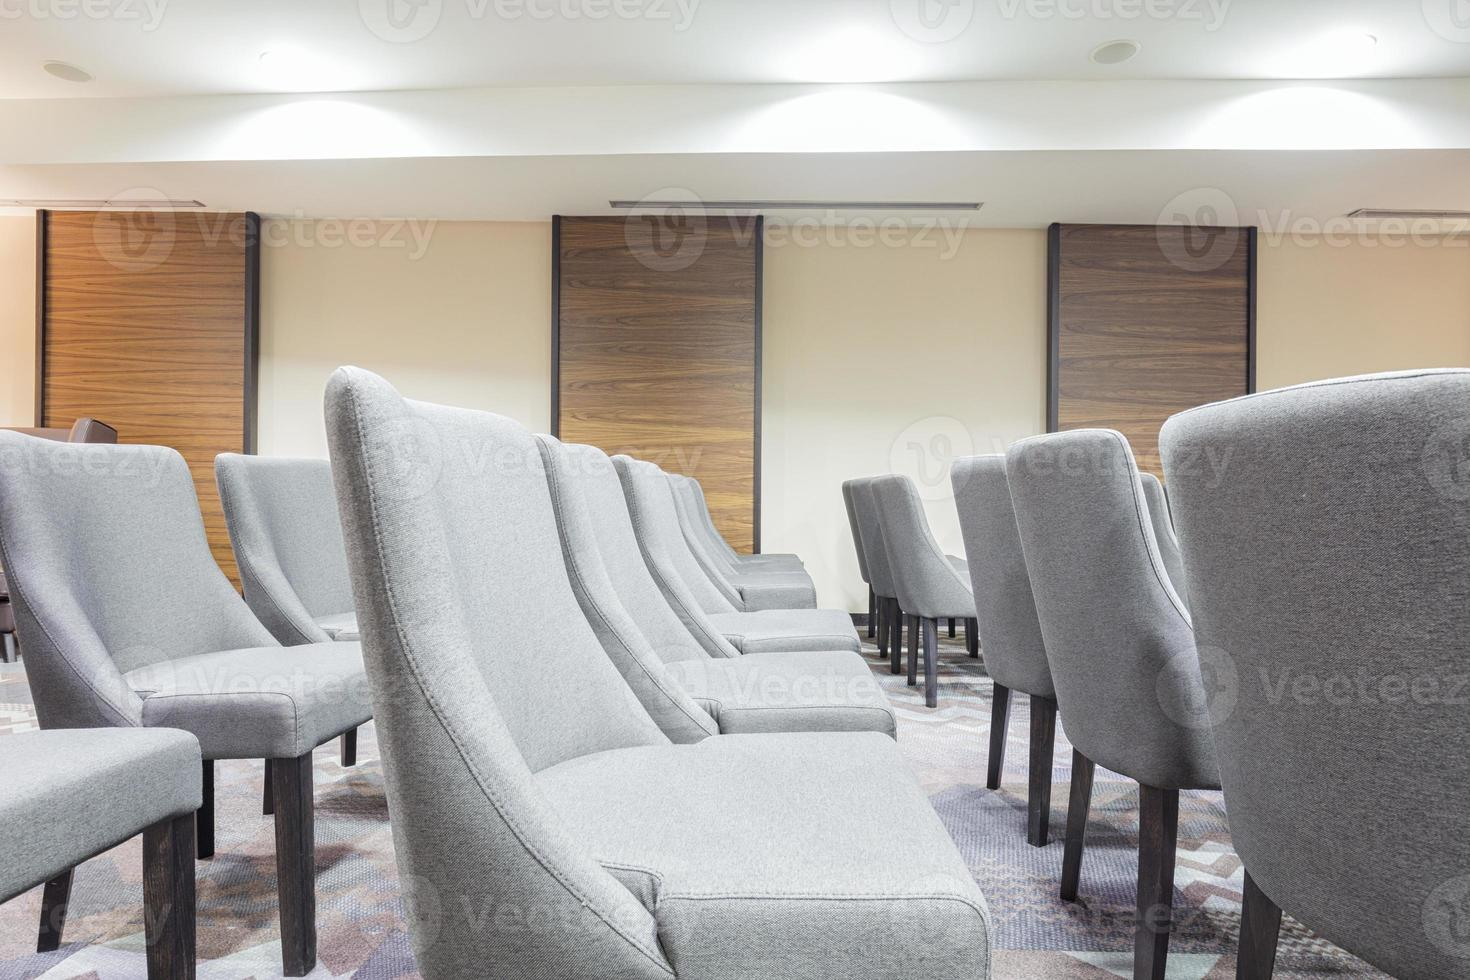 cadeiras em uma moderna sala de apresentação foto